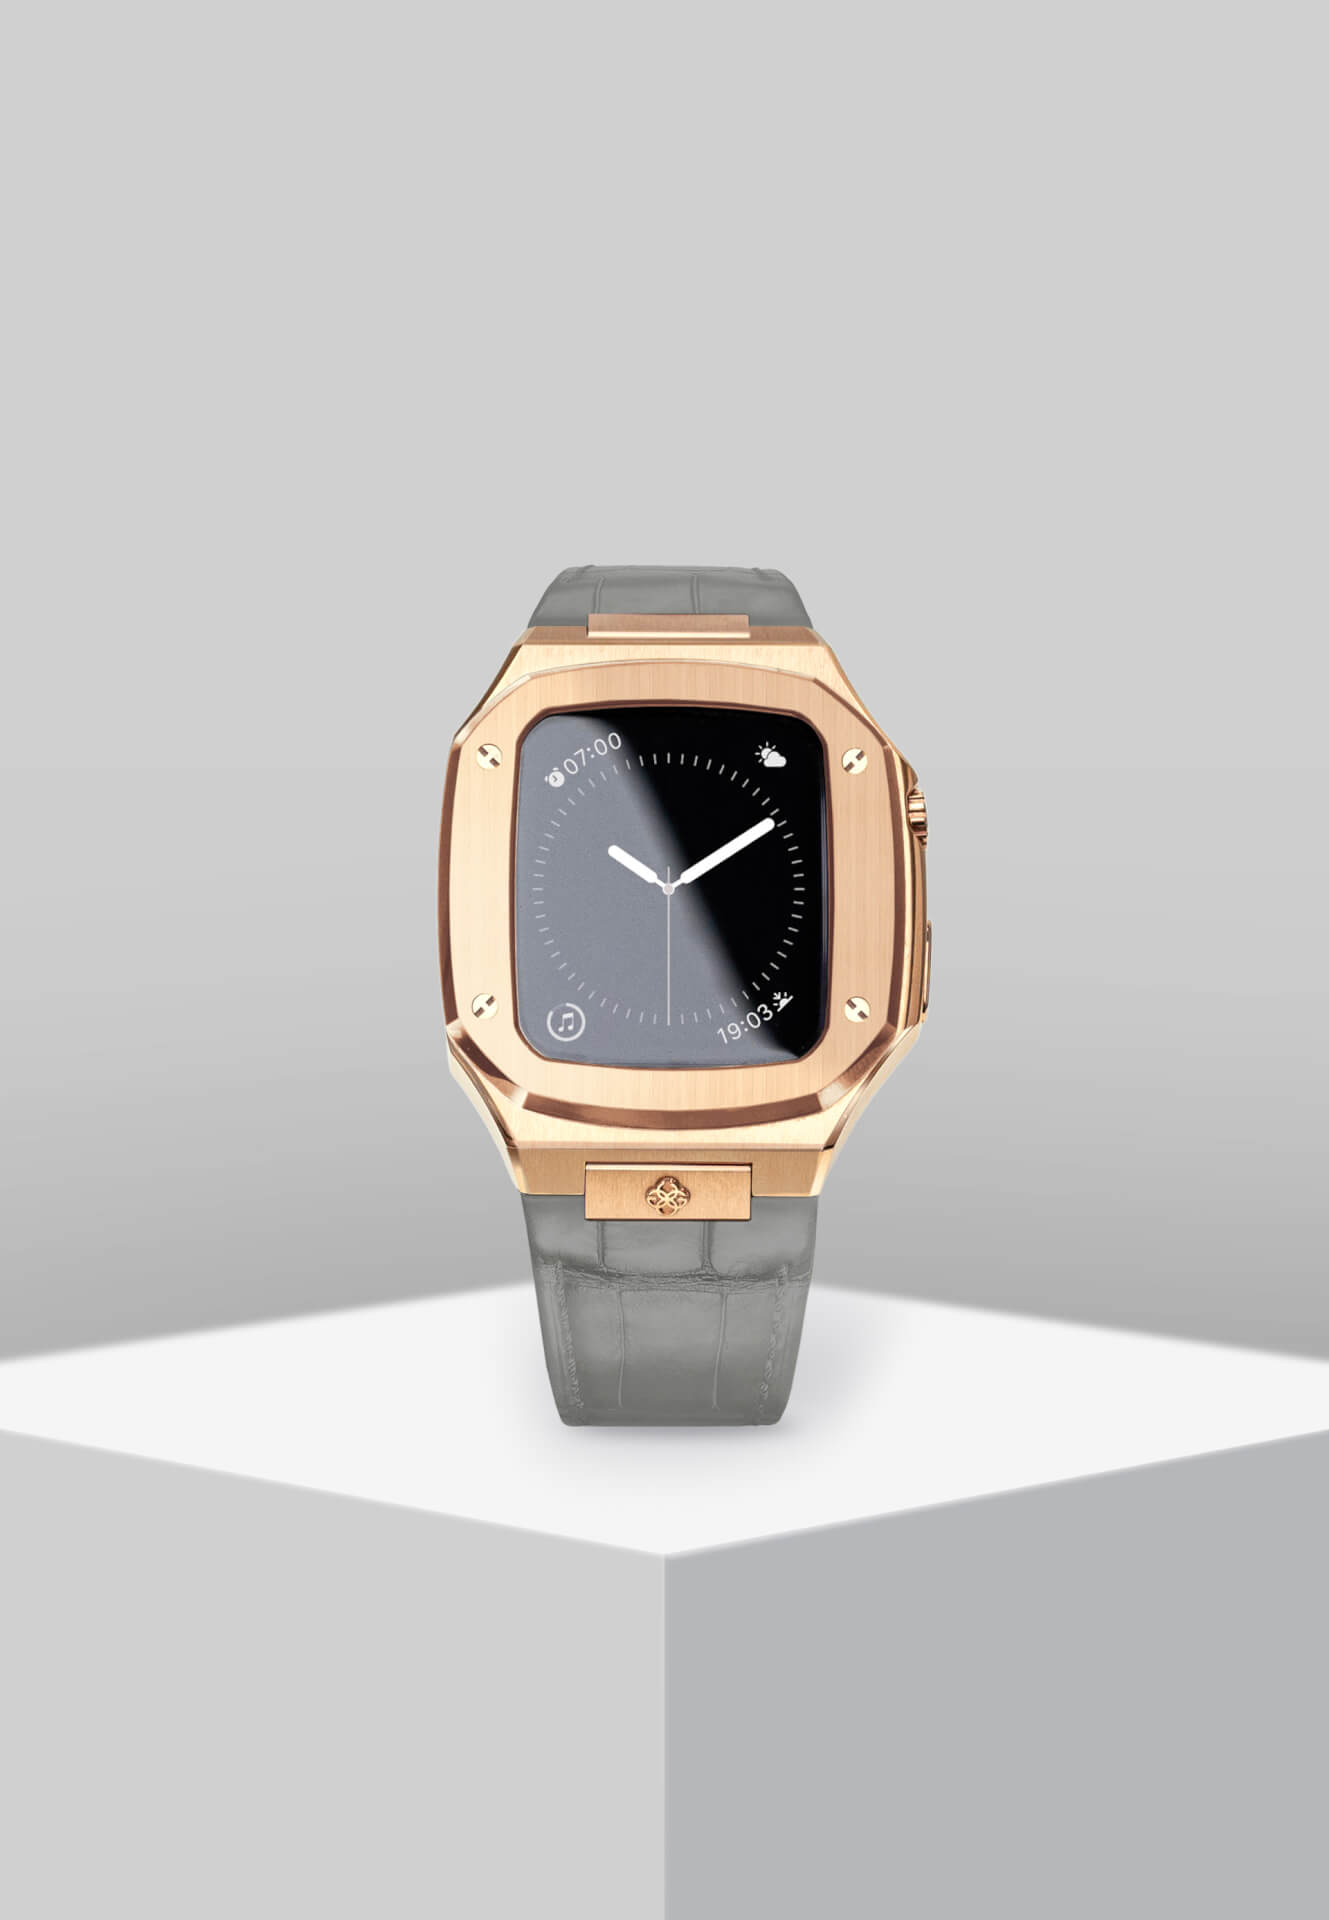 高級感漂うGOLDEN CONCEPTのApple Watchケースに待望の40mm用新コレクションが登場!ホワイト、イエローなどの新カラーがラインナップ tech201124_applewatch_case_9